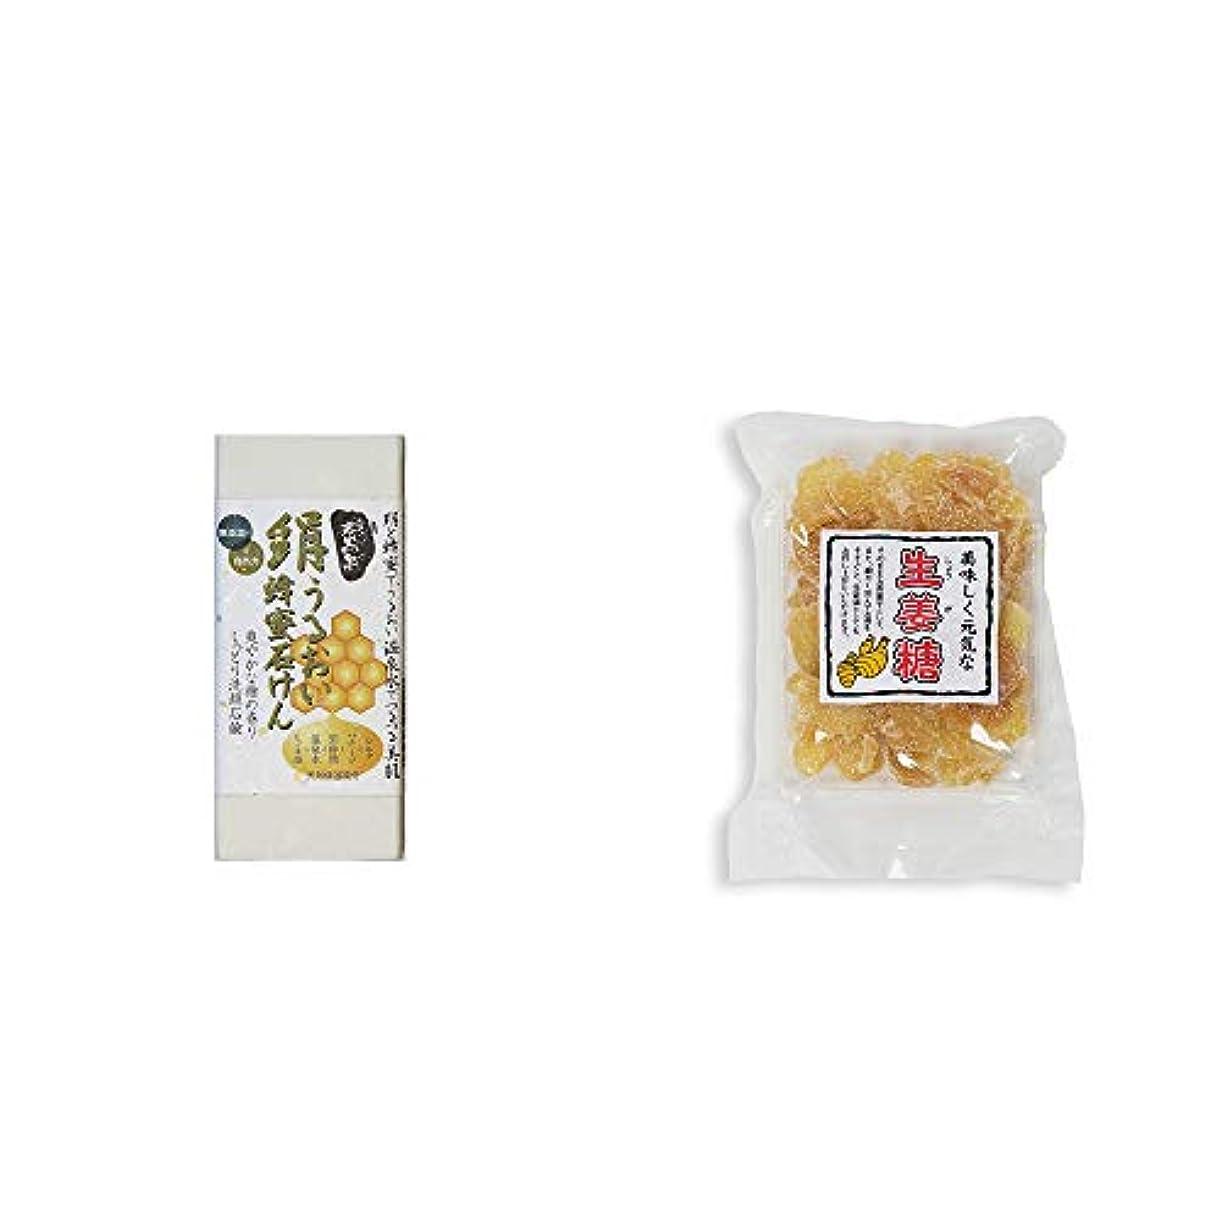 疫病情報病者[2点セット] ひのき炭黒泉 絹うるおい蜂蜜石けん(75g×2)?生姜糖(230g)